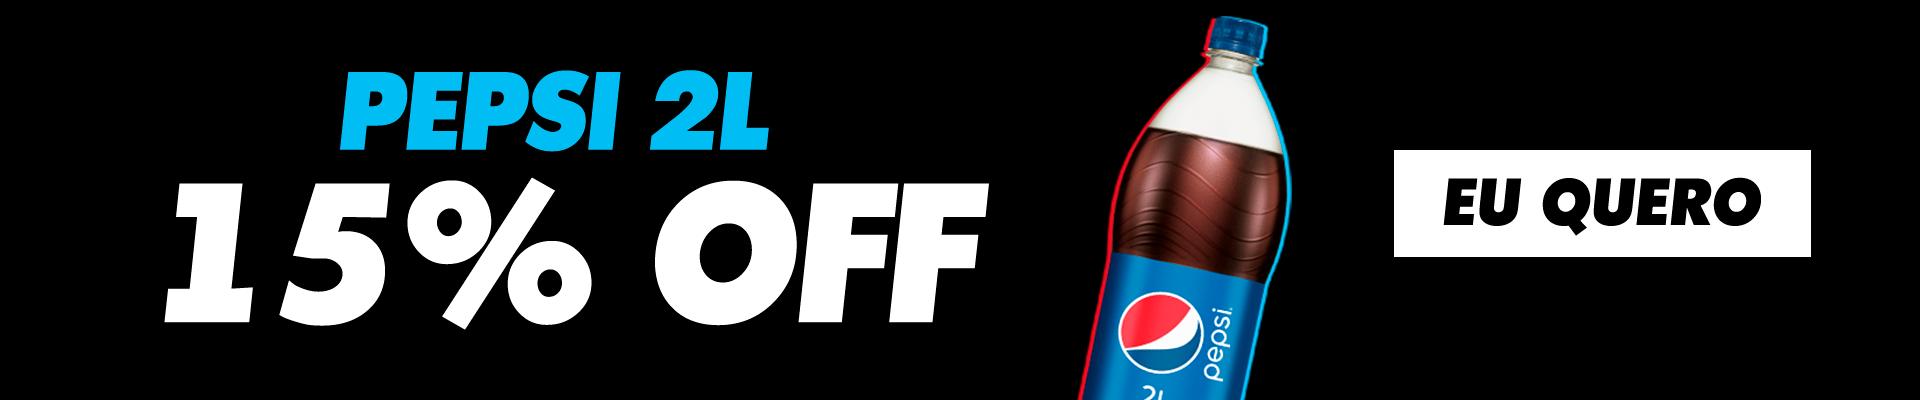 Pepsi 2L - 24/6 a 30/6